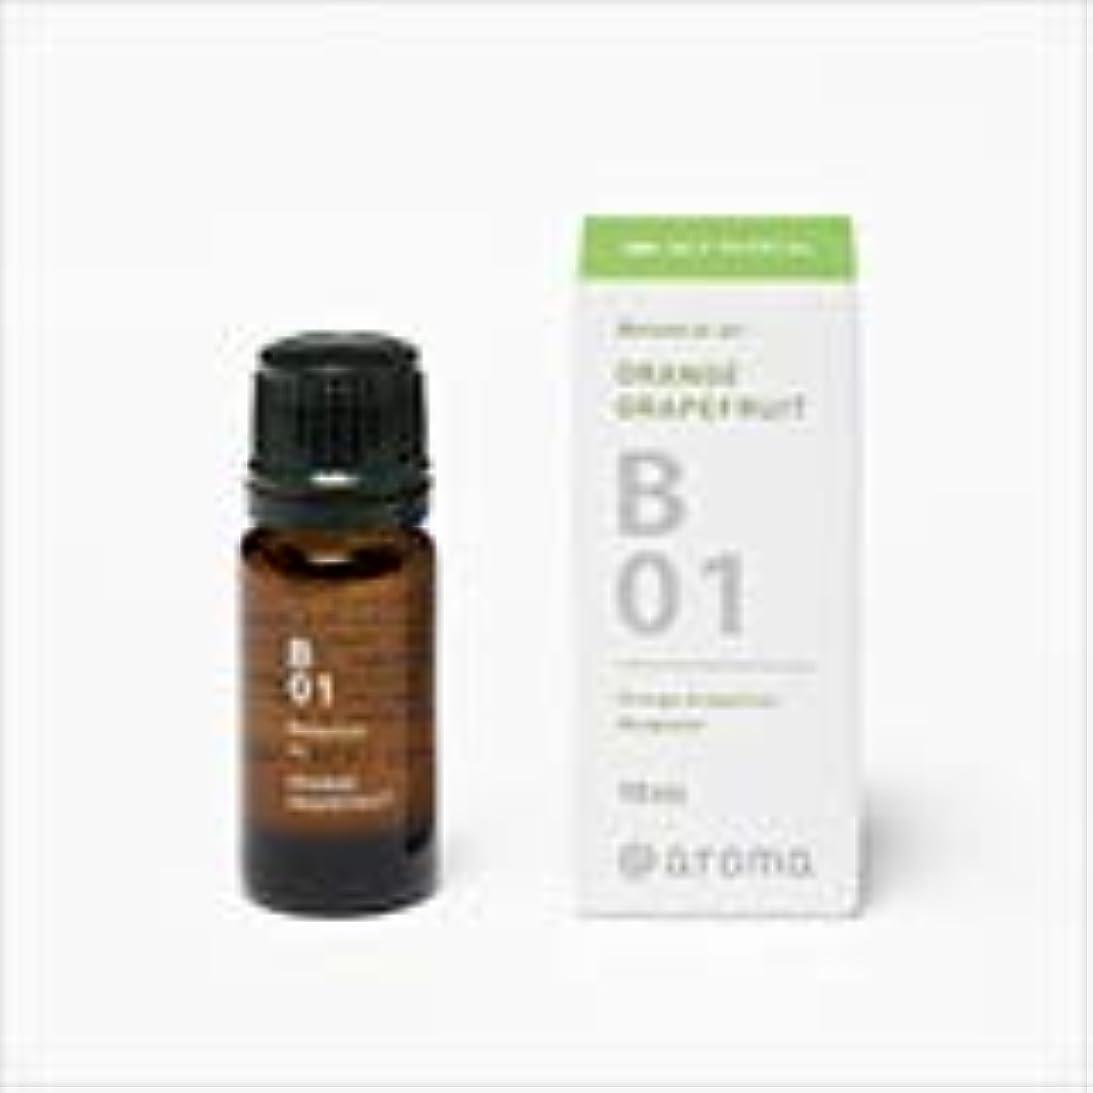 徹底的にリンク引退するアットアロマ 100%pure essential oil <Botanical air ジュニパーシダー>